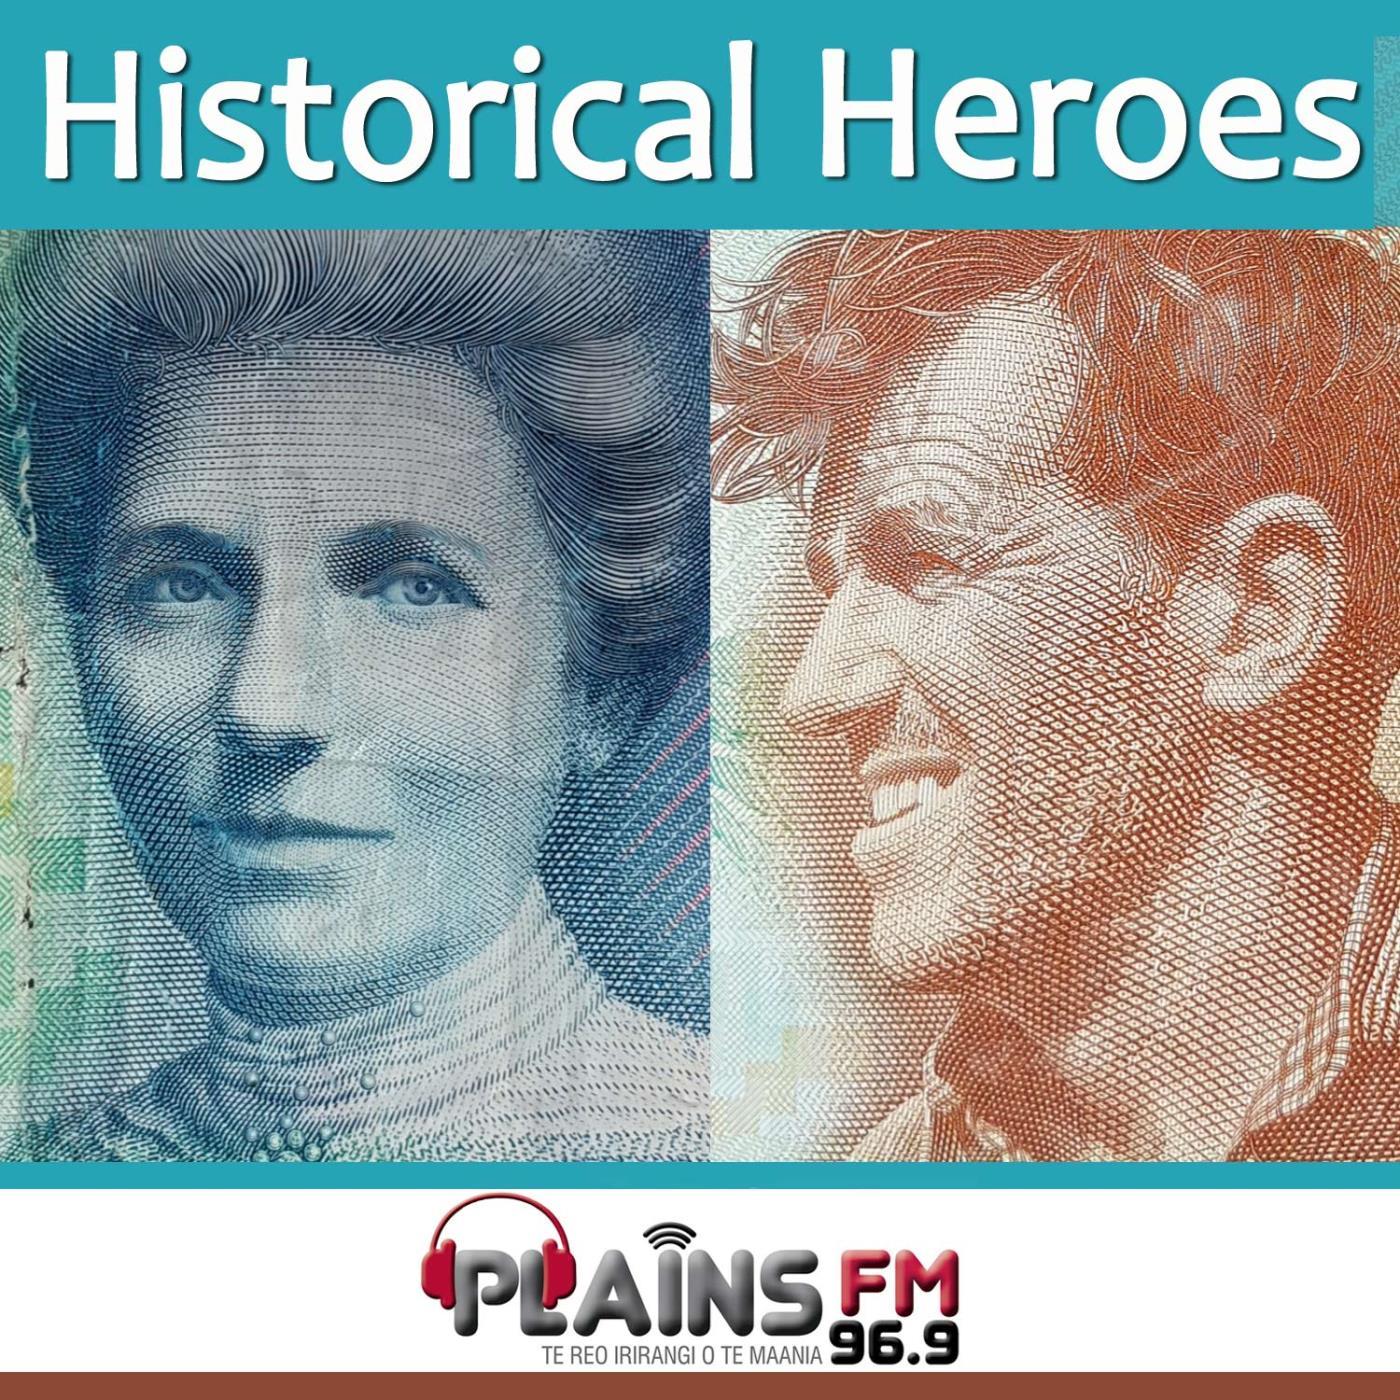 Historical Heroes of Aotearoa